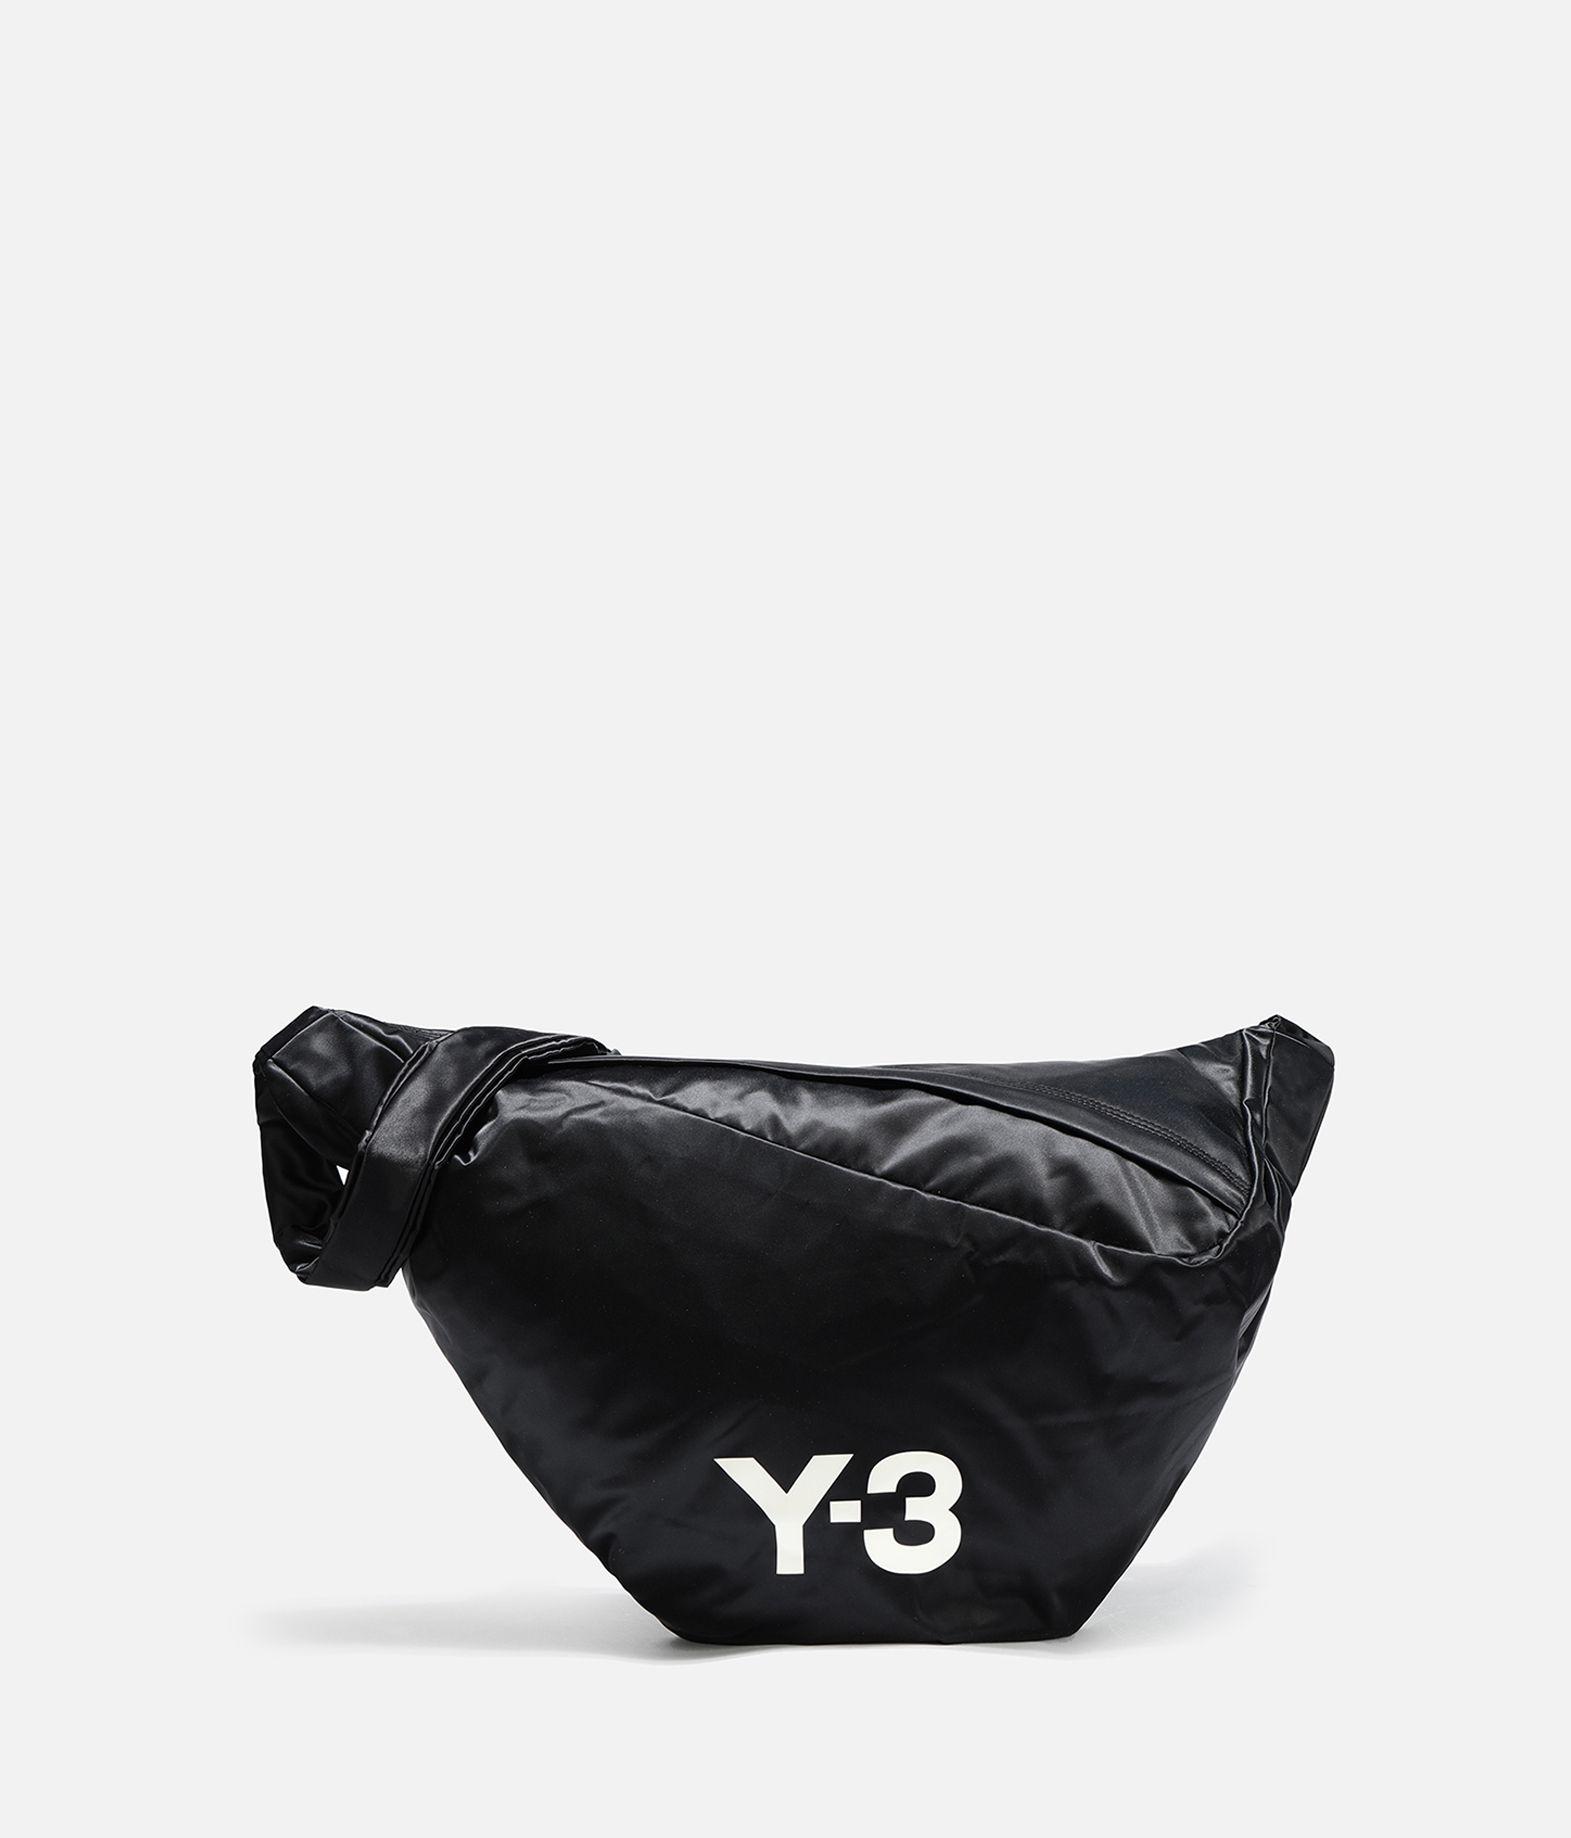 Y-3 Y-3 Sneaker Bag Handbag E f